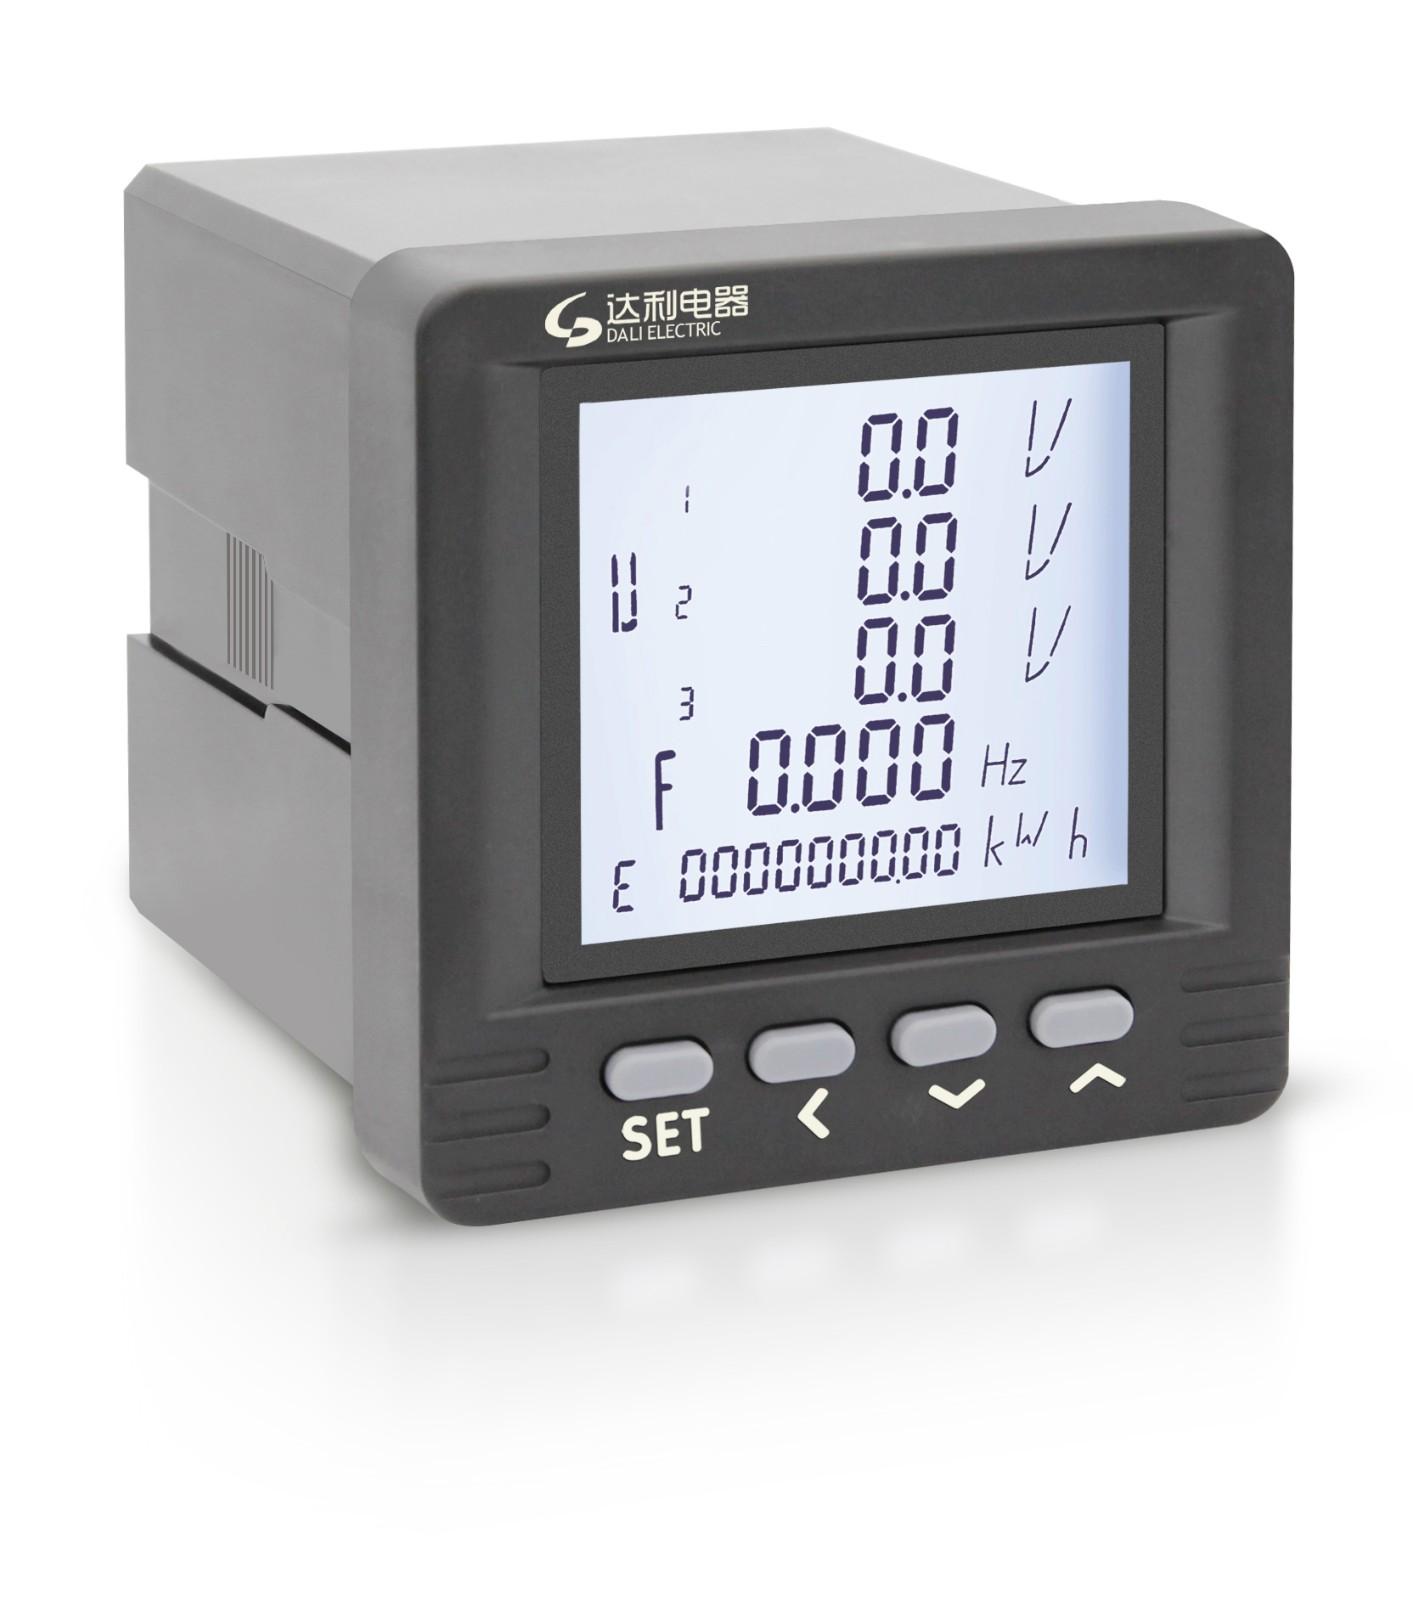 兴安盟LSM-96Q智能数显电量仪表门市价